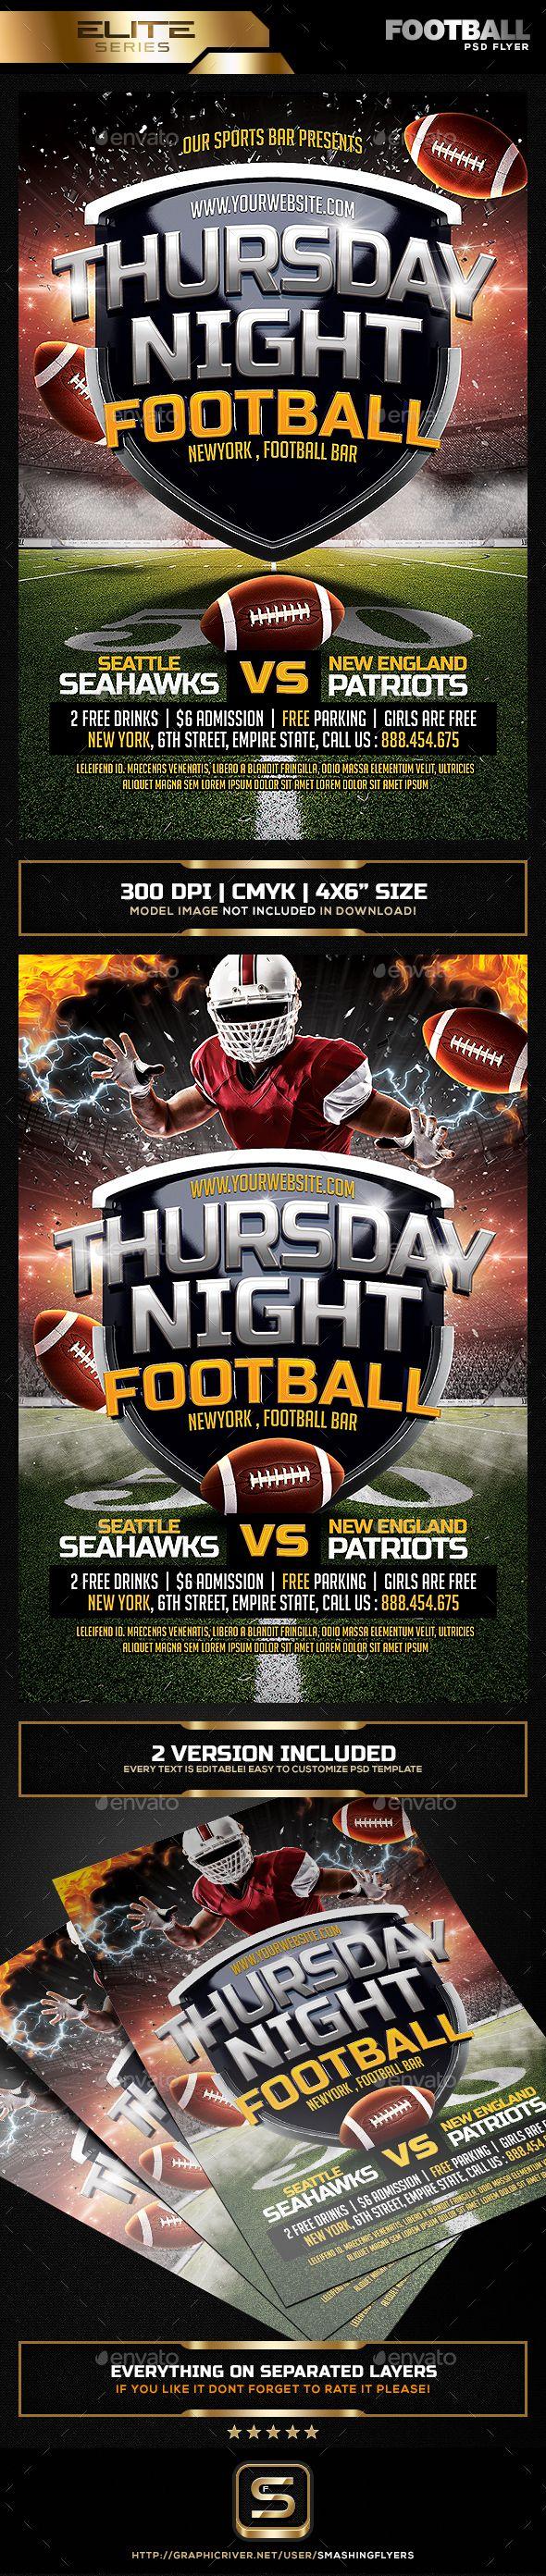 Thursday Night Football Flyer Thursday night football